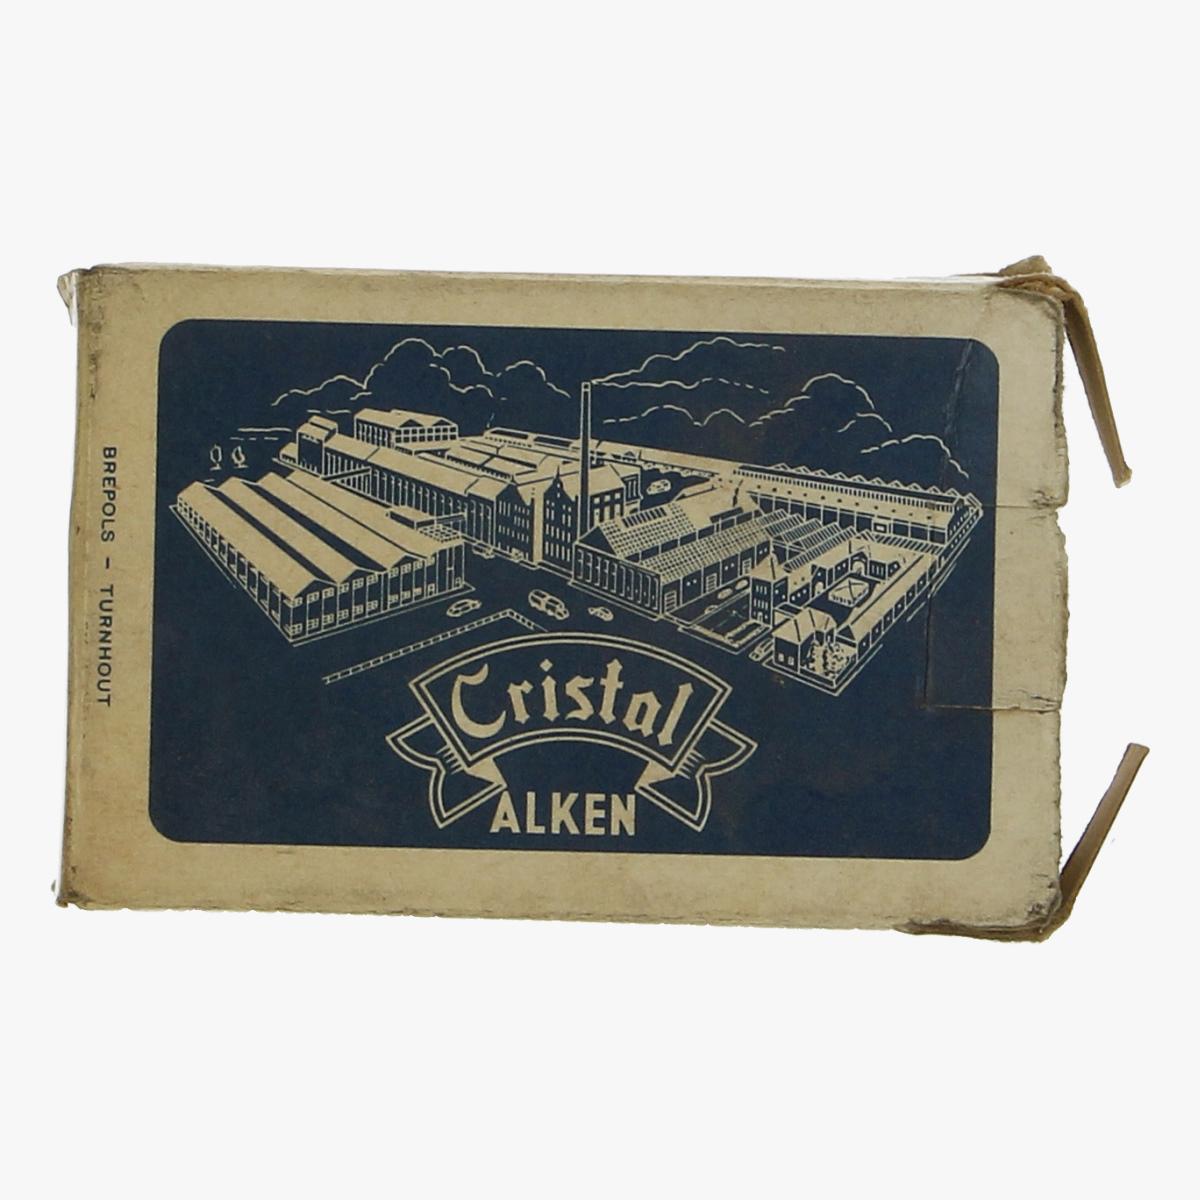 Afbeeldingen van oud spel speelkaarten